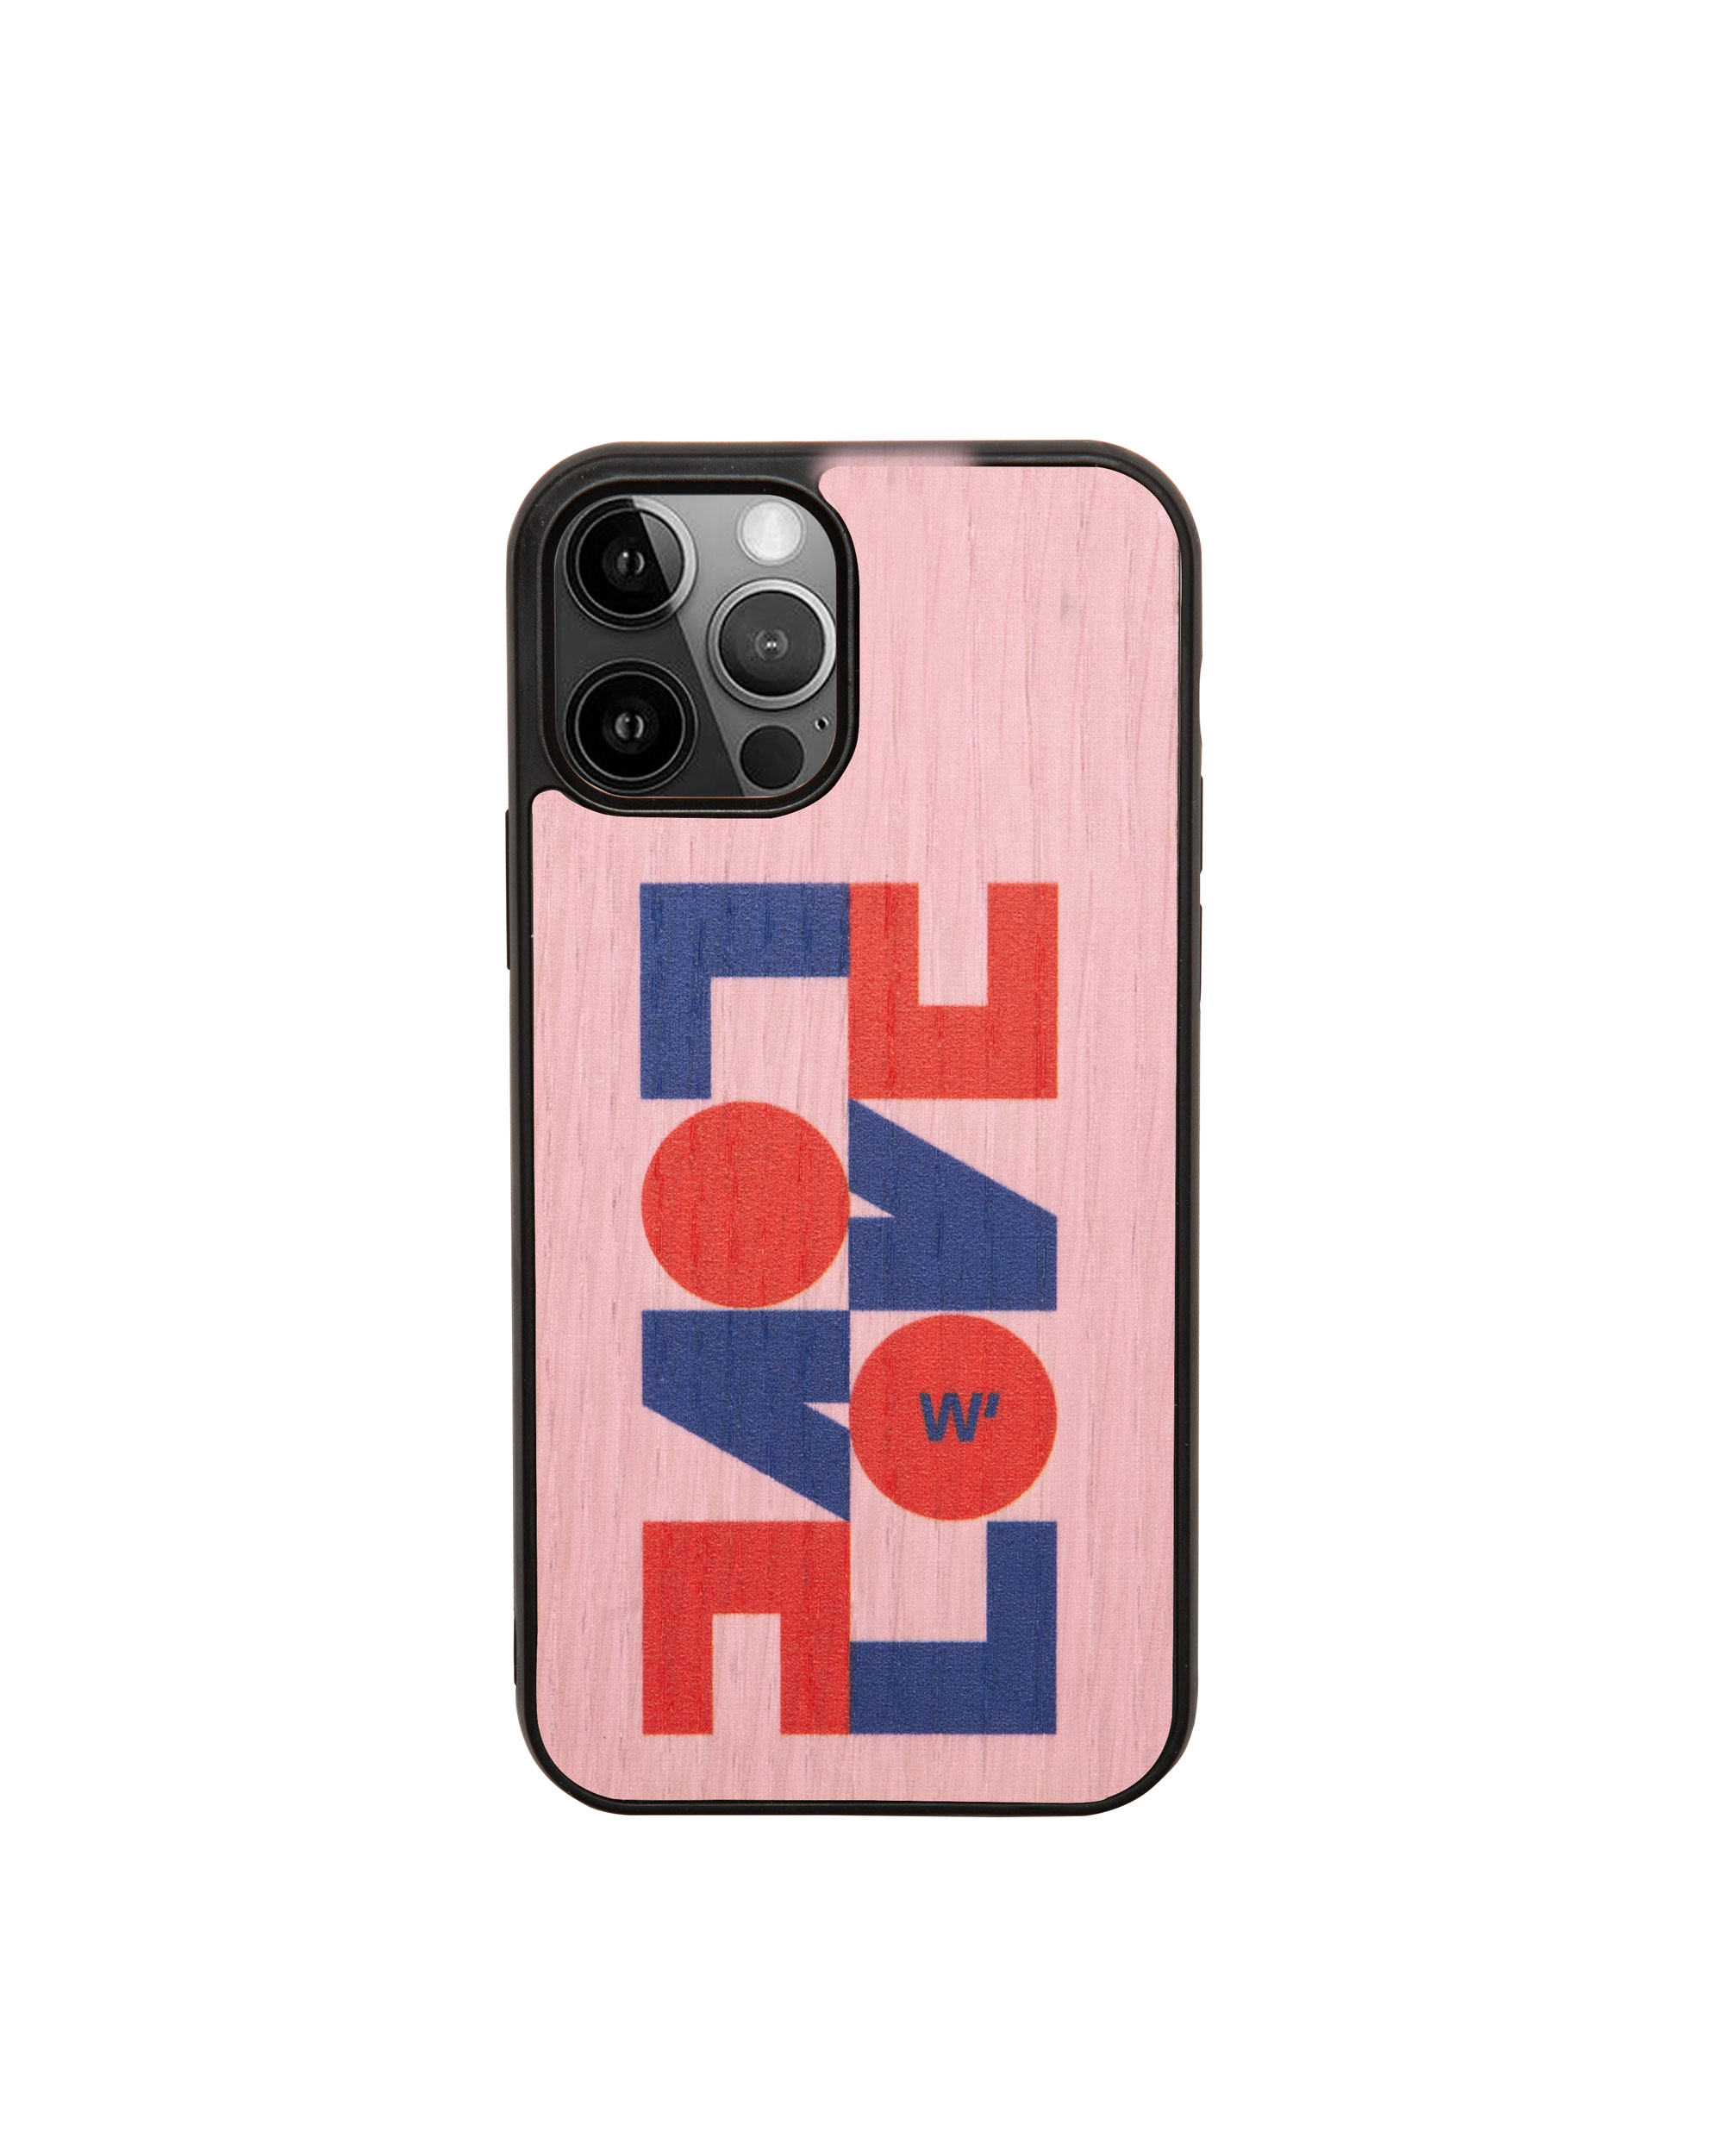 LOVE - Coque en bois pour iPhone 7/8/SE